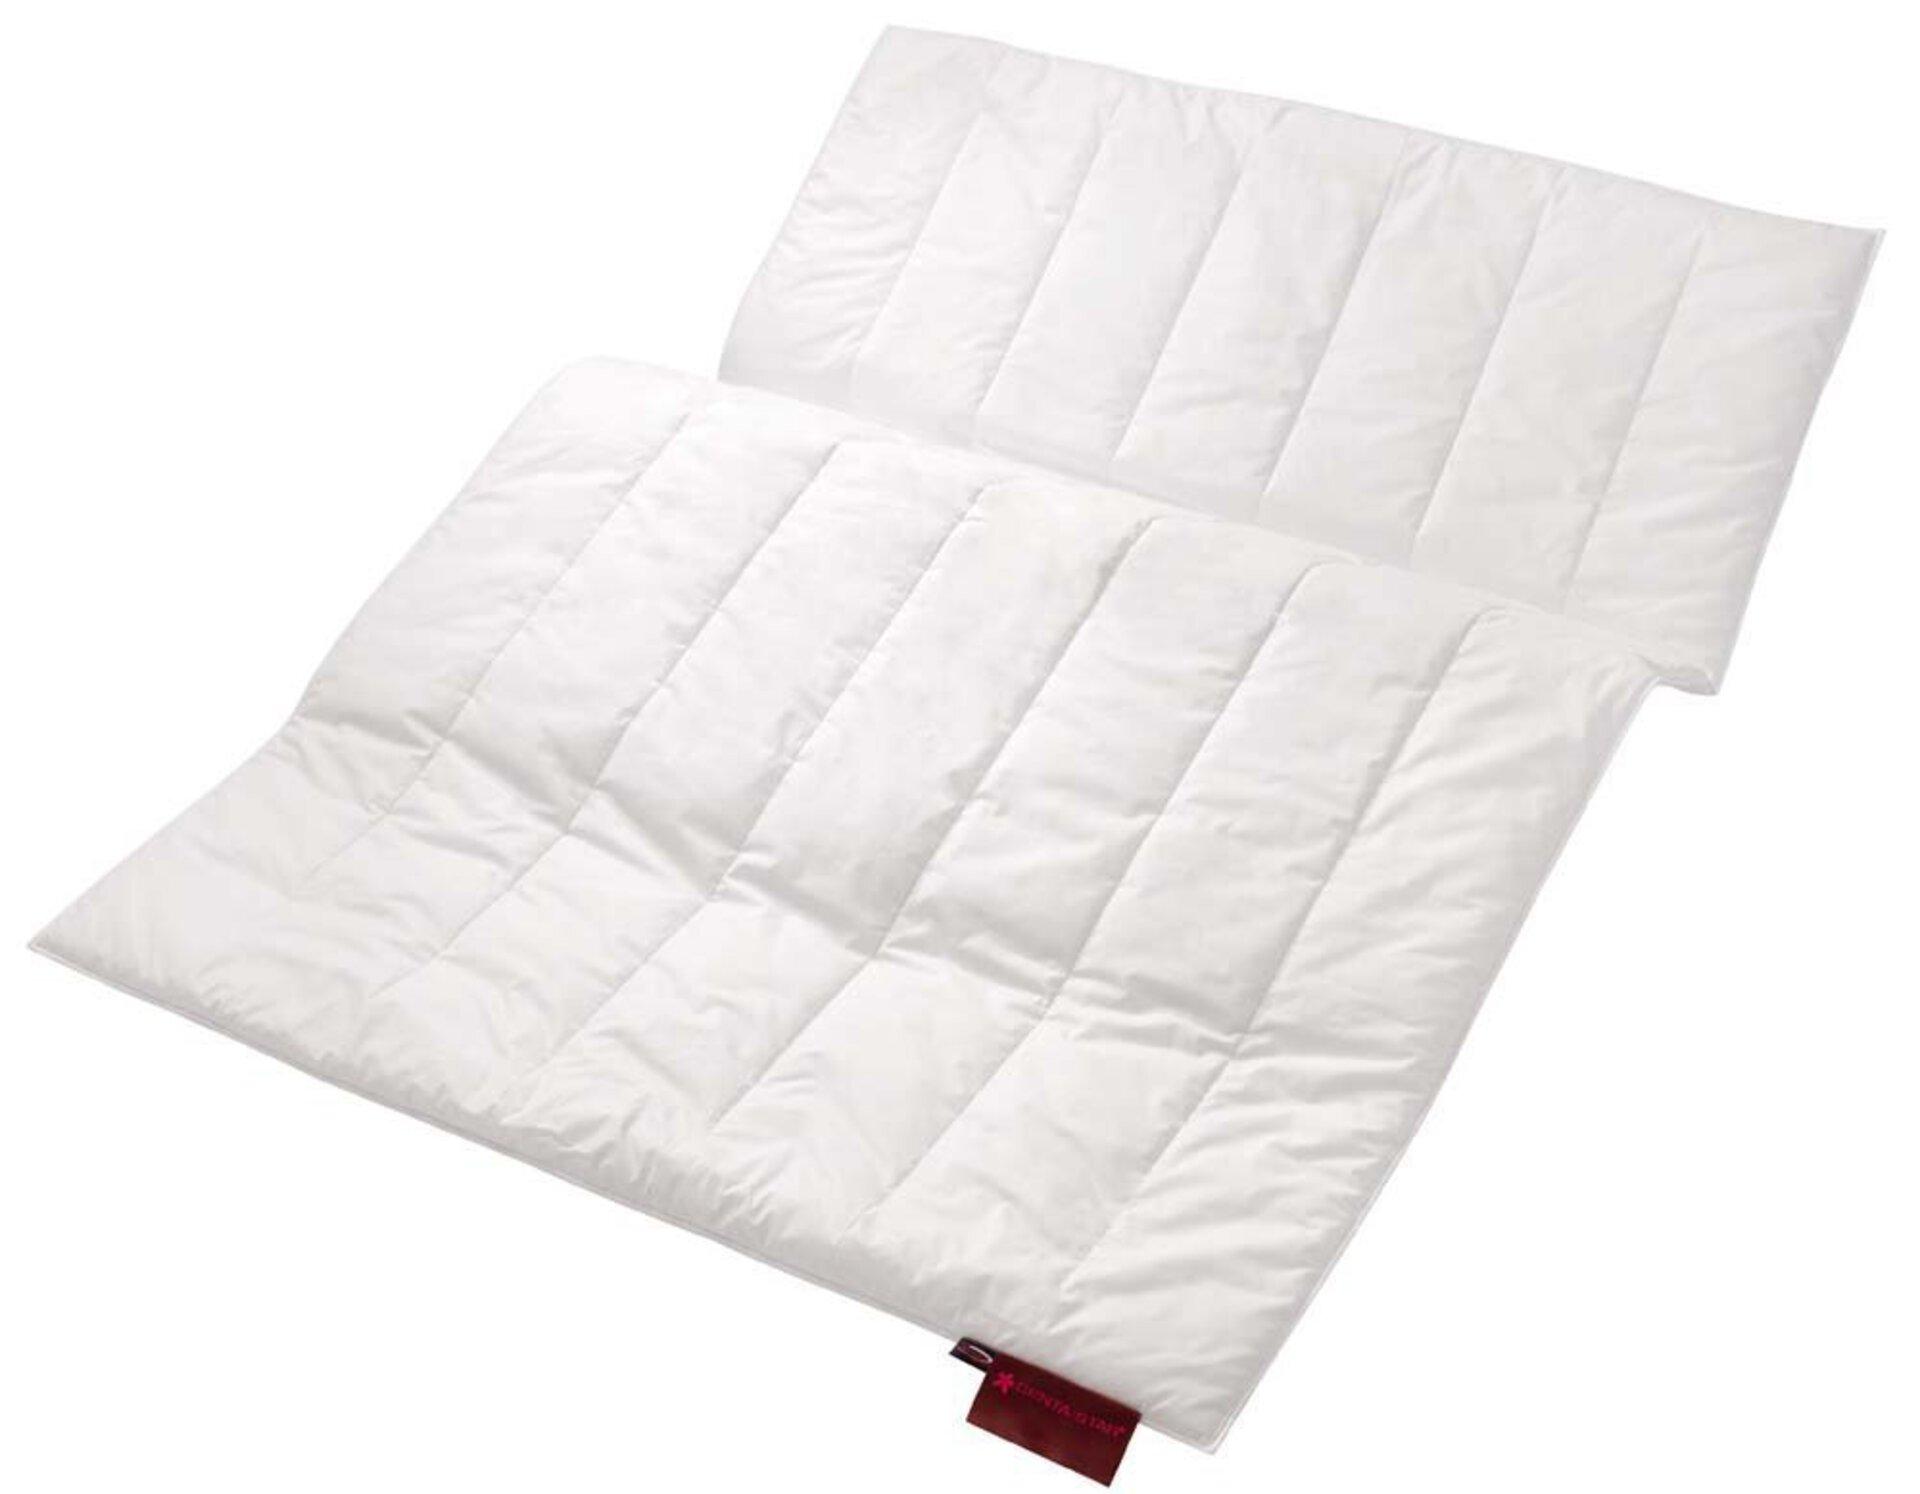 Ganzjahresdecke ROYAL Duo-Leicht-Bett Centa-Star Textil weiß 200 x 200 cm